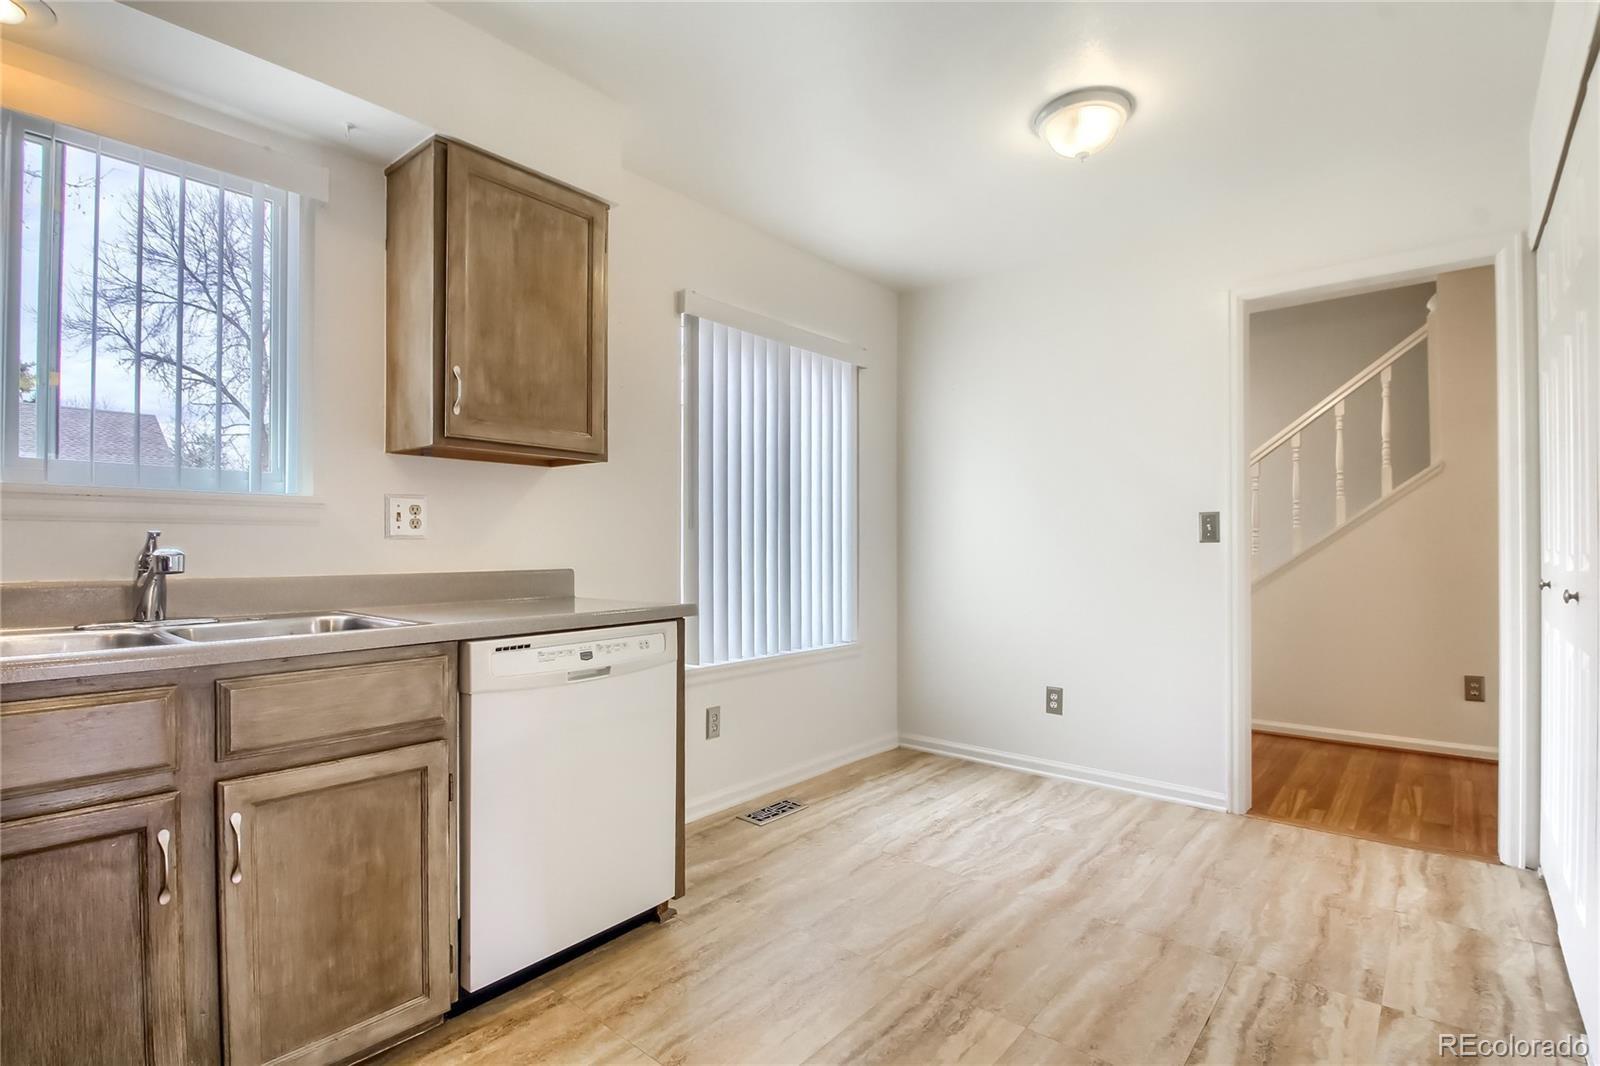 MLS# 5602217 - 15 - 4720 S Dudley Street #27, Denver, CO 80123